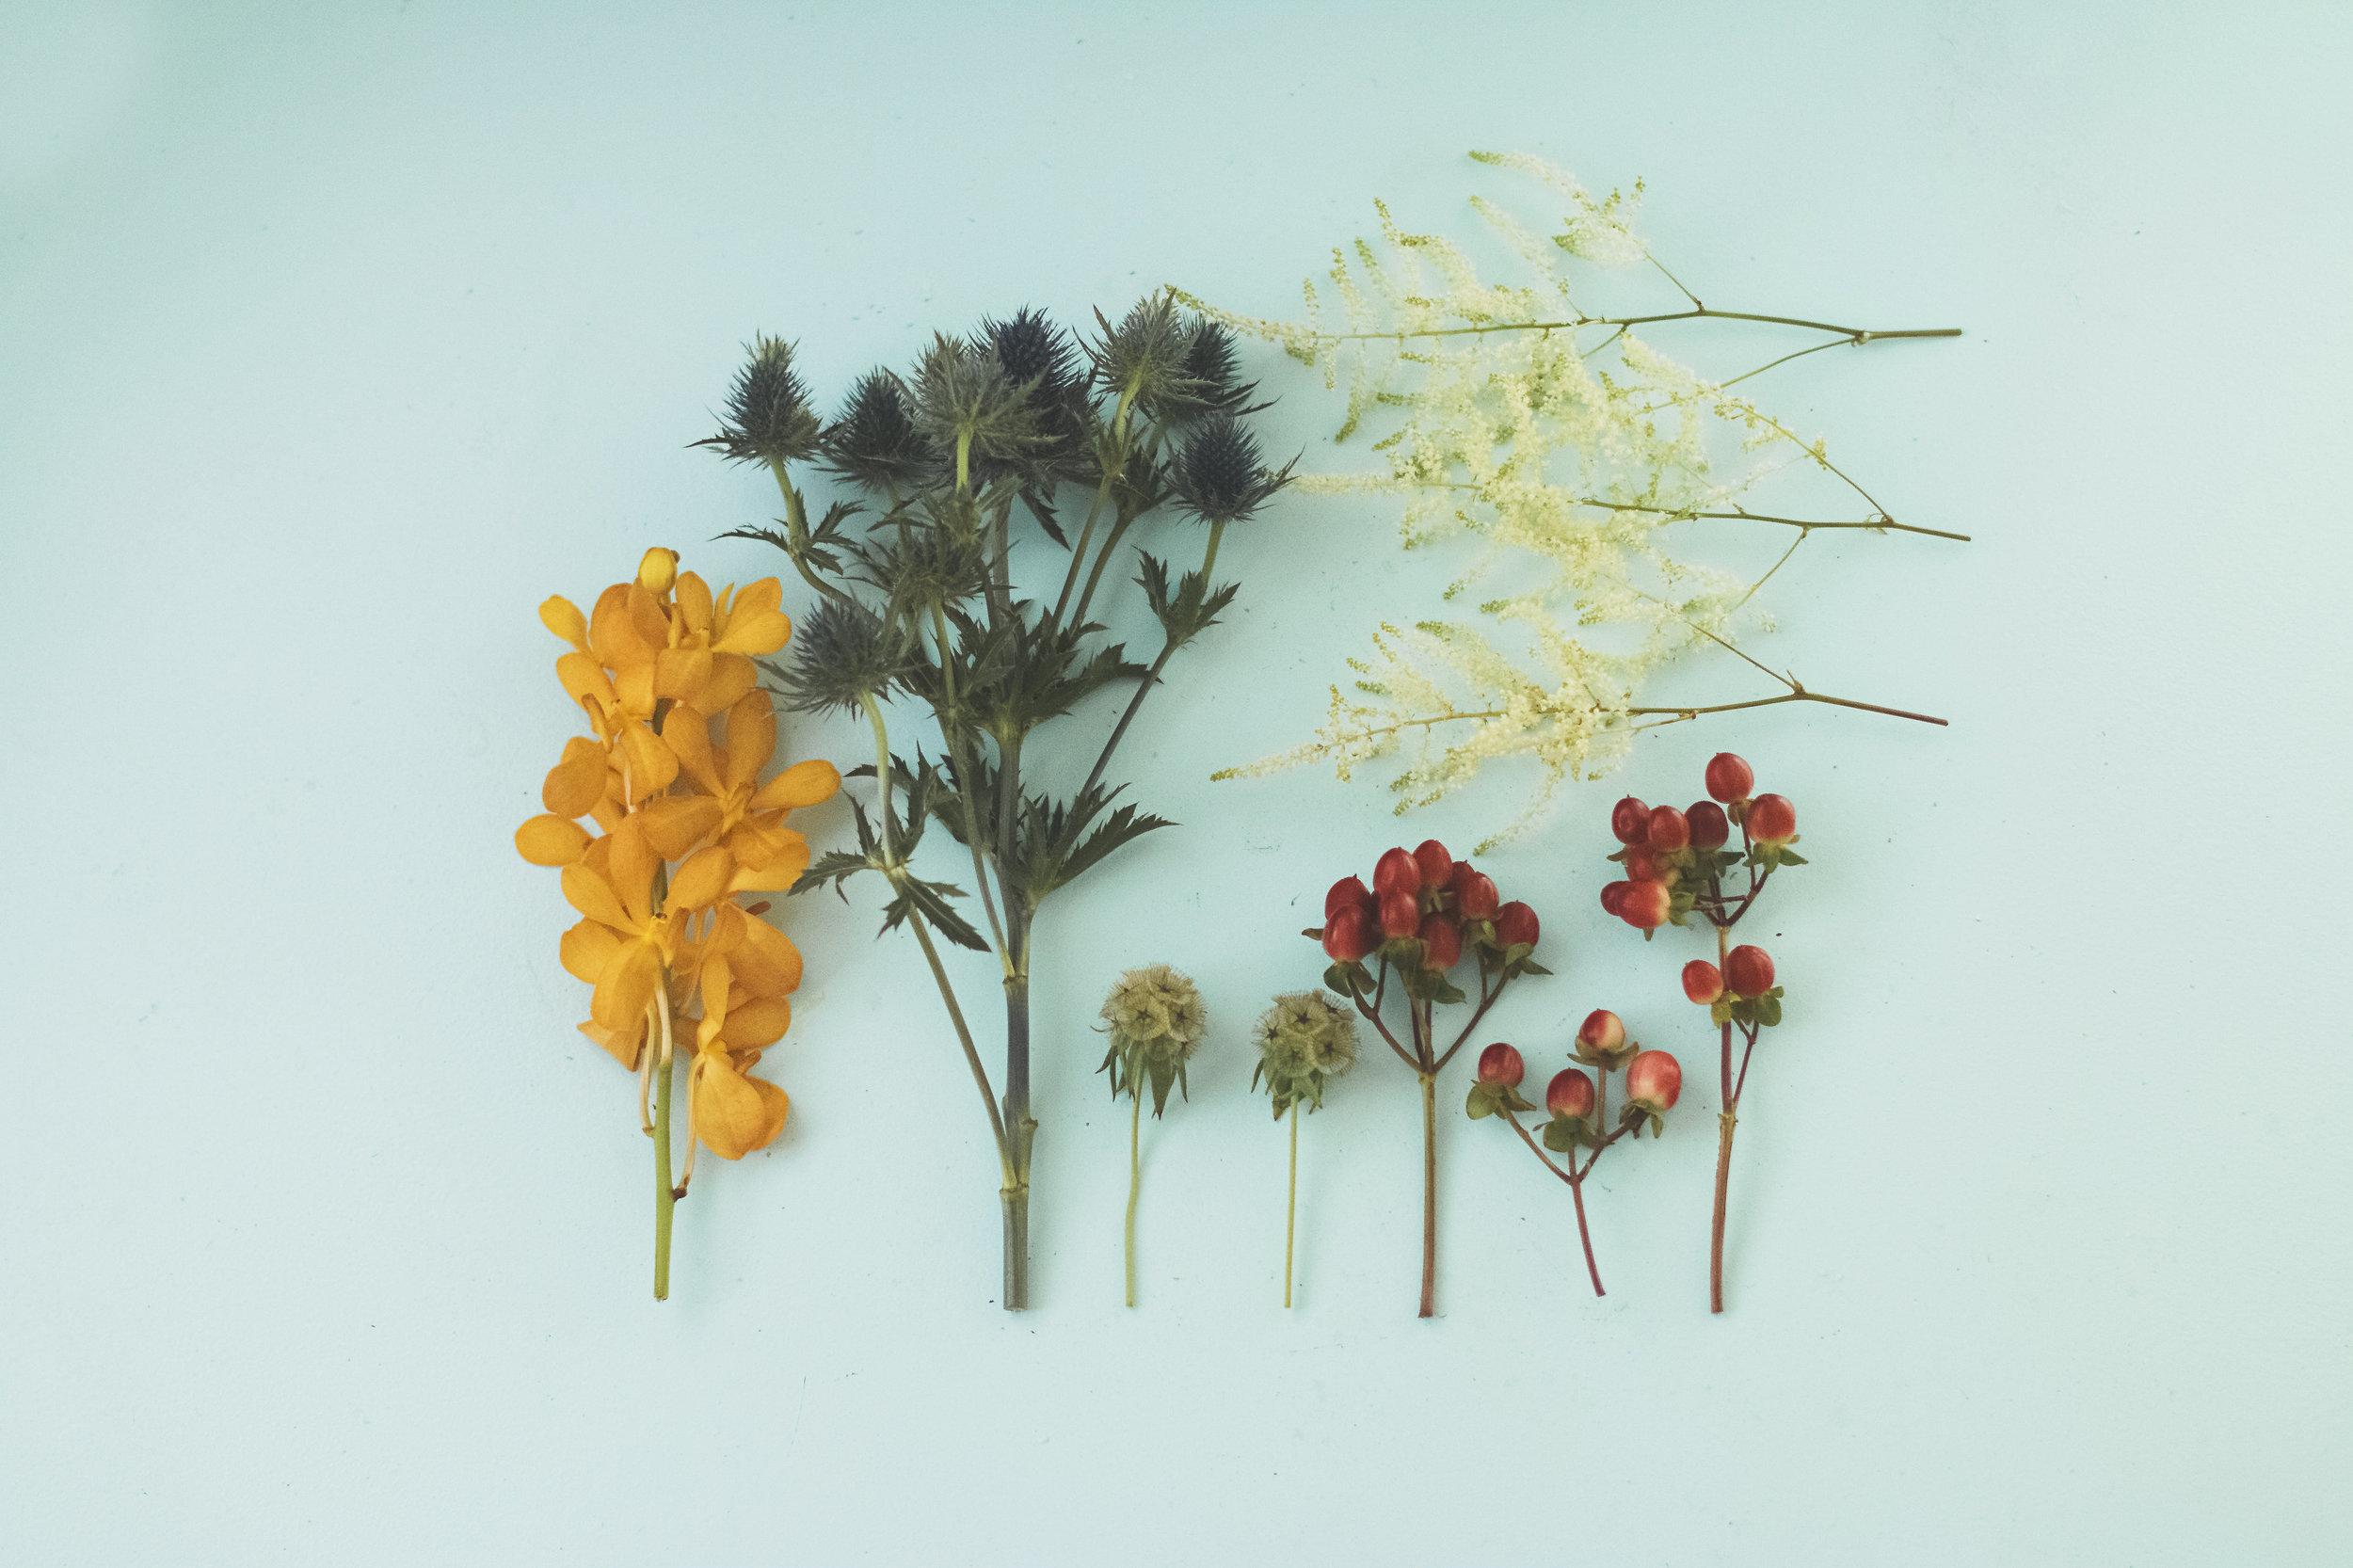 angie-diaz-photography-diy-flower-crown-tutorial-04.jpg